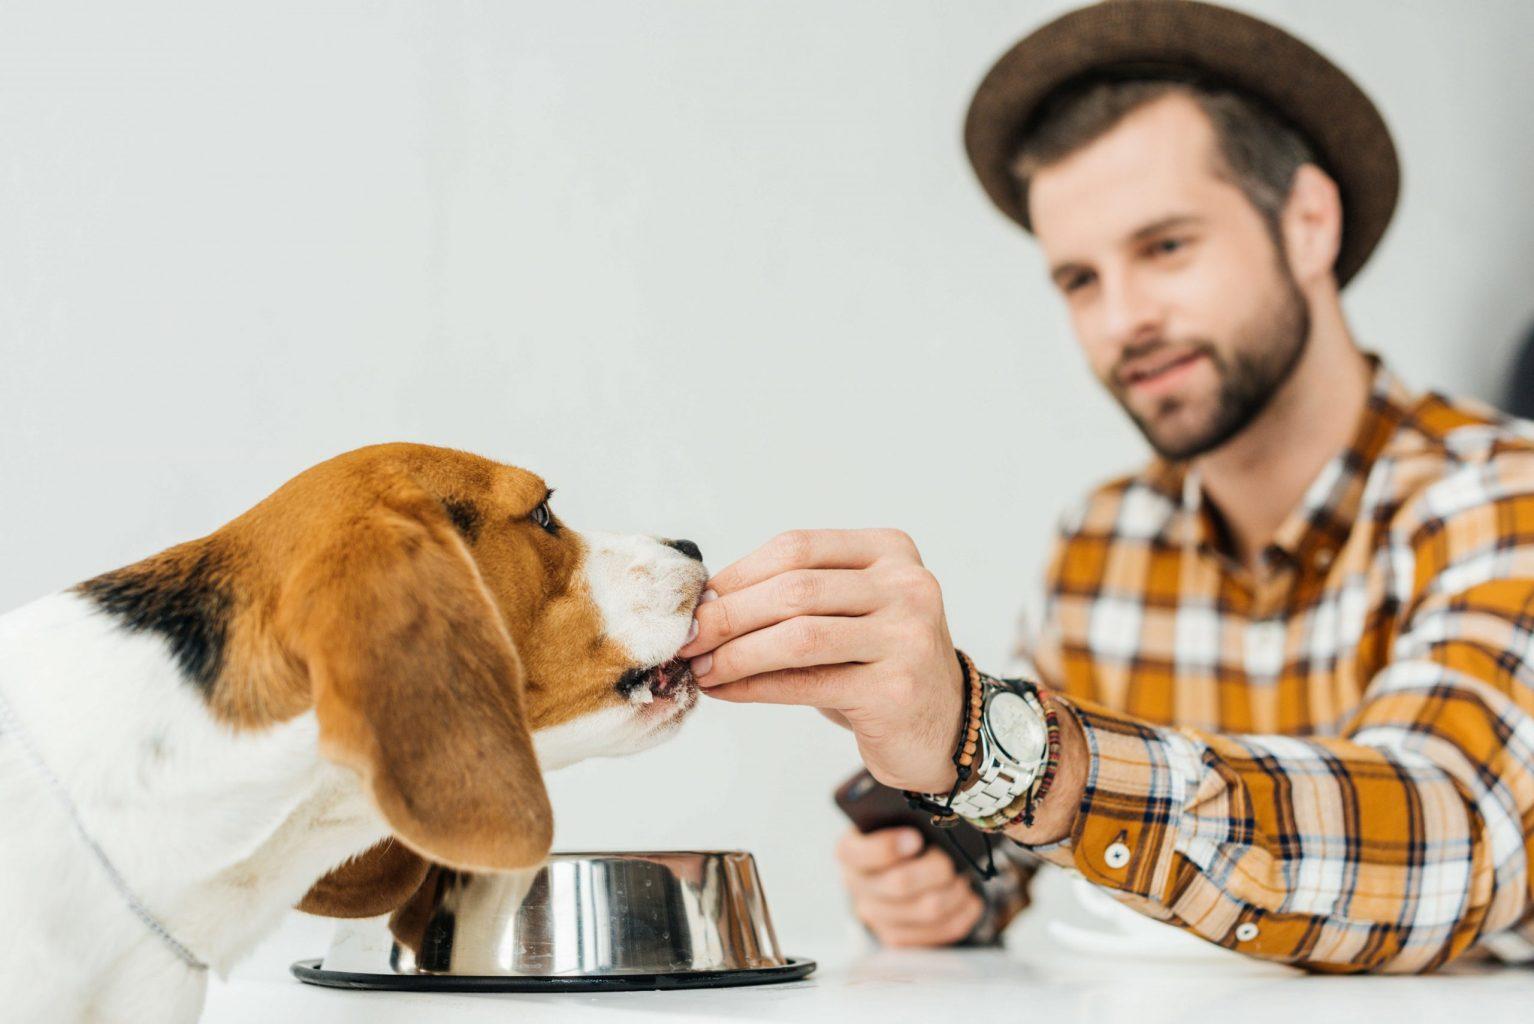 Homme nourrissant son beagle avec de la nourriture idéale pour sa santé